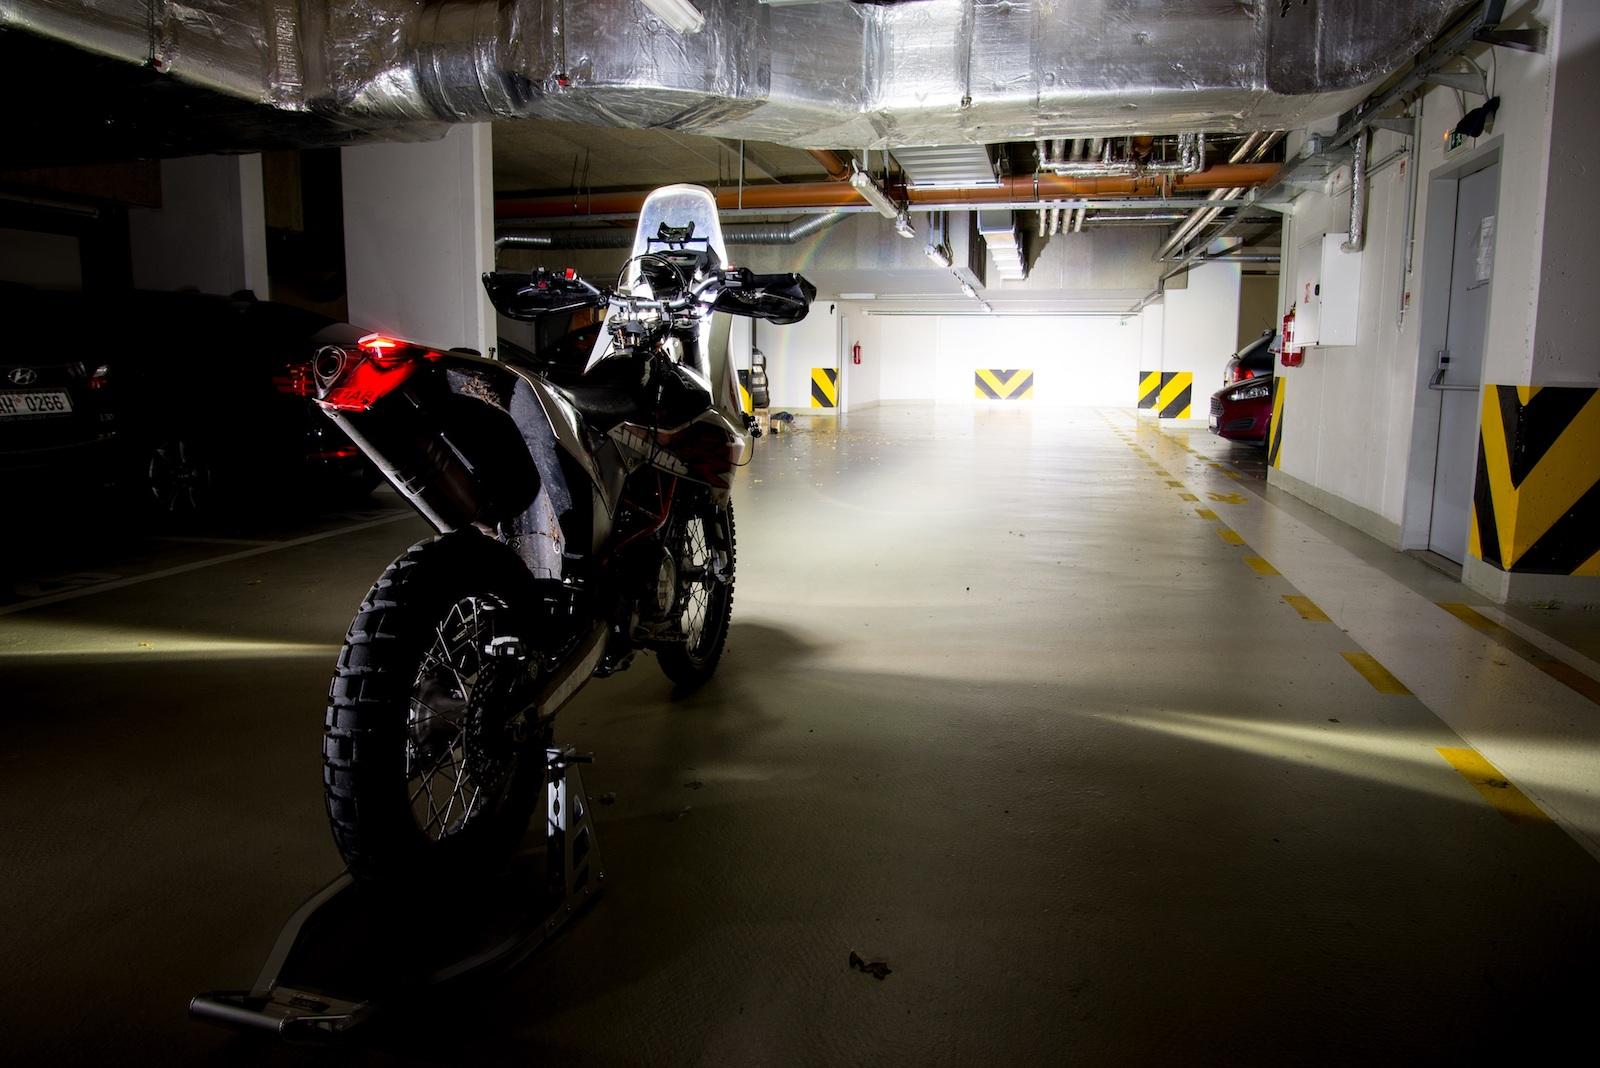 Enduro motocykl a jeho výbava pro rallye